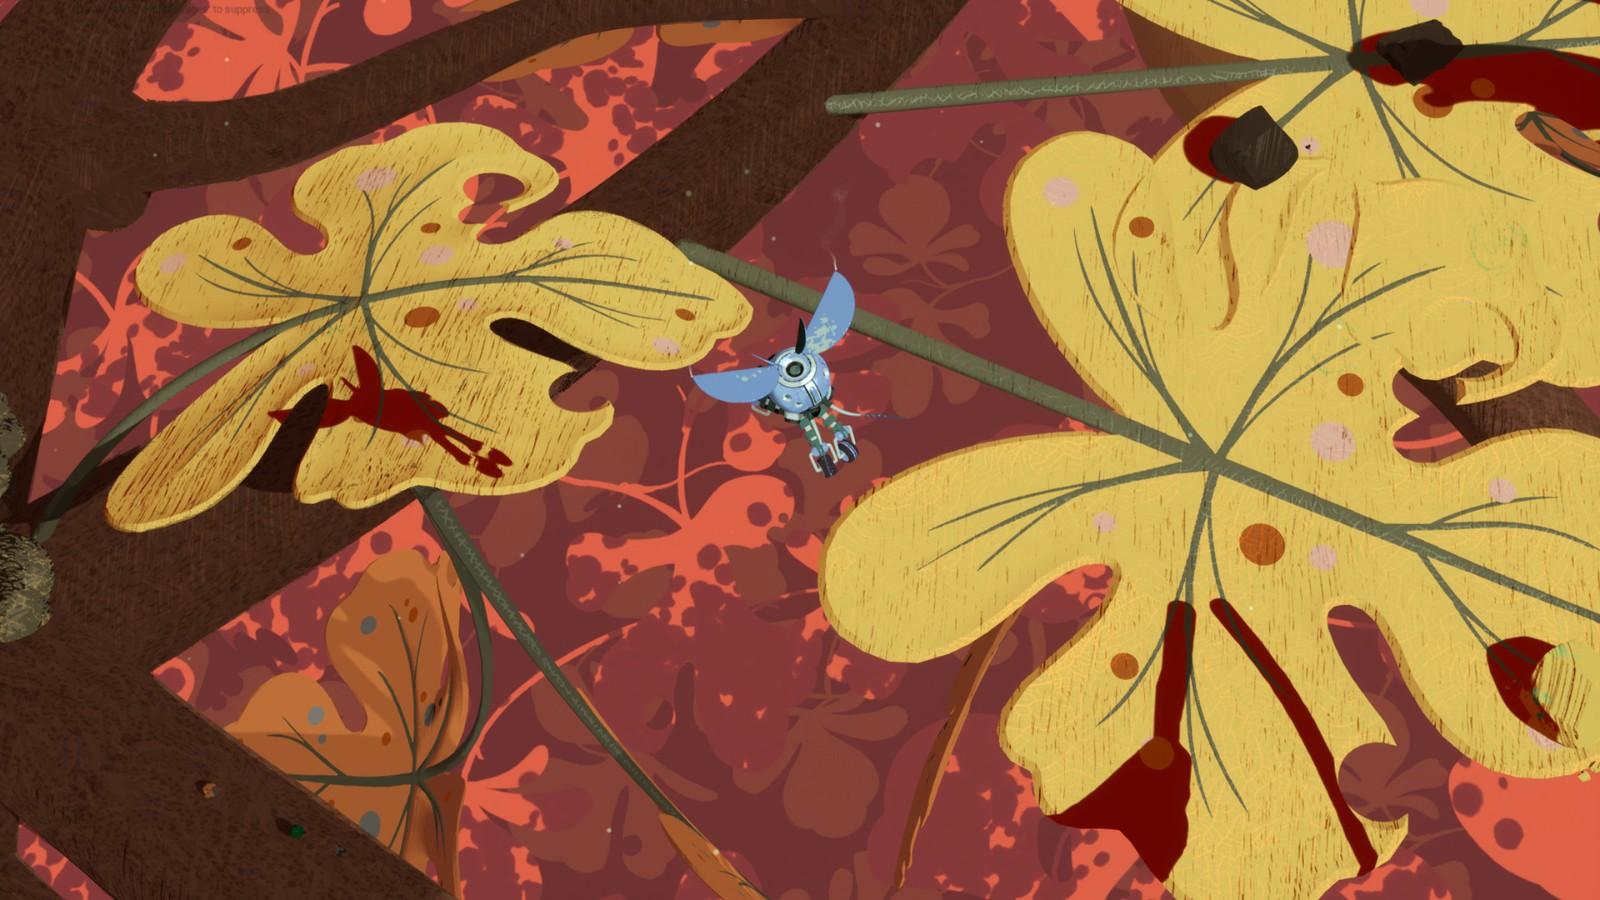 科幻冒险《Stonefly》今夏发售 登陆全平台